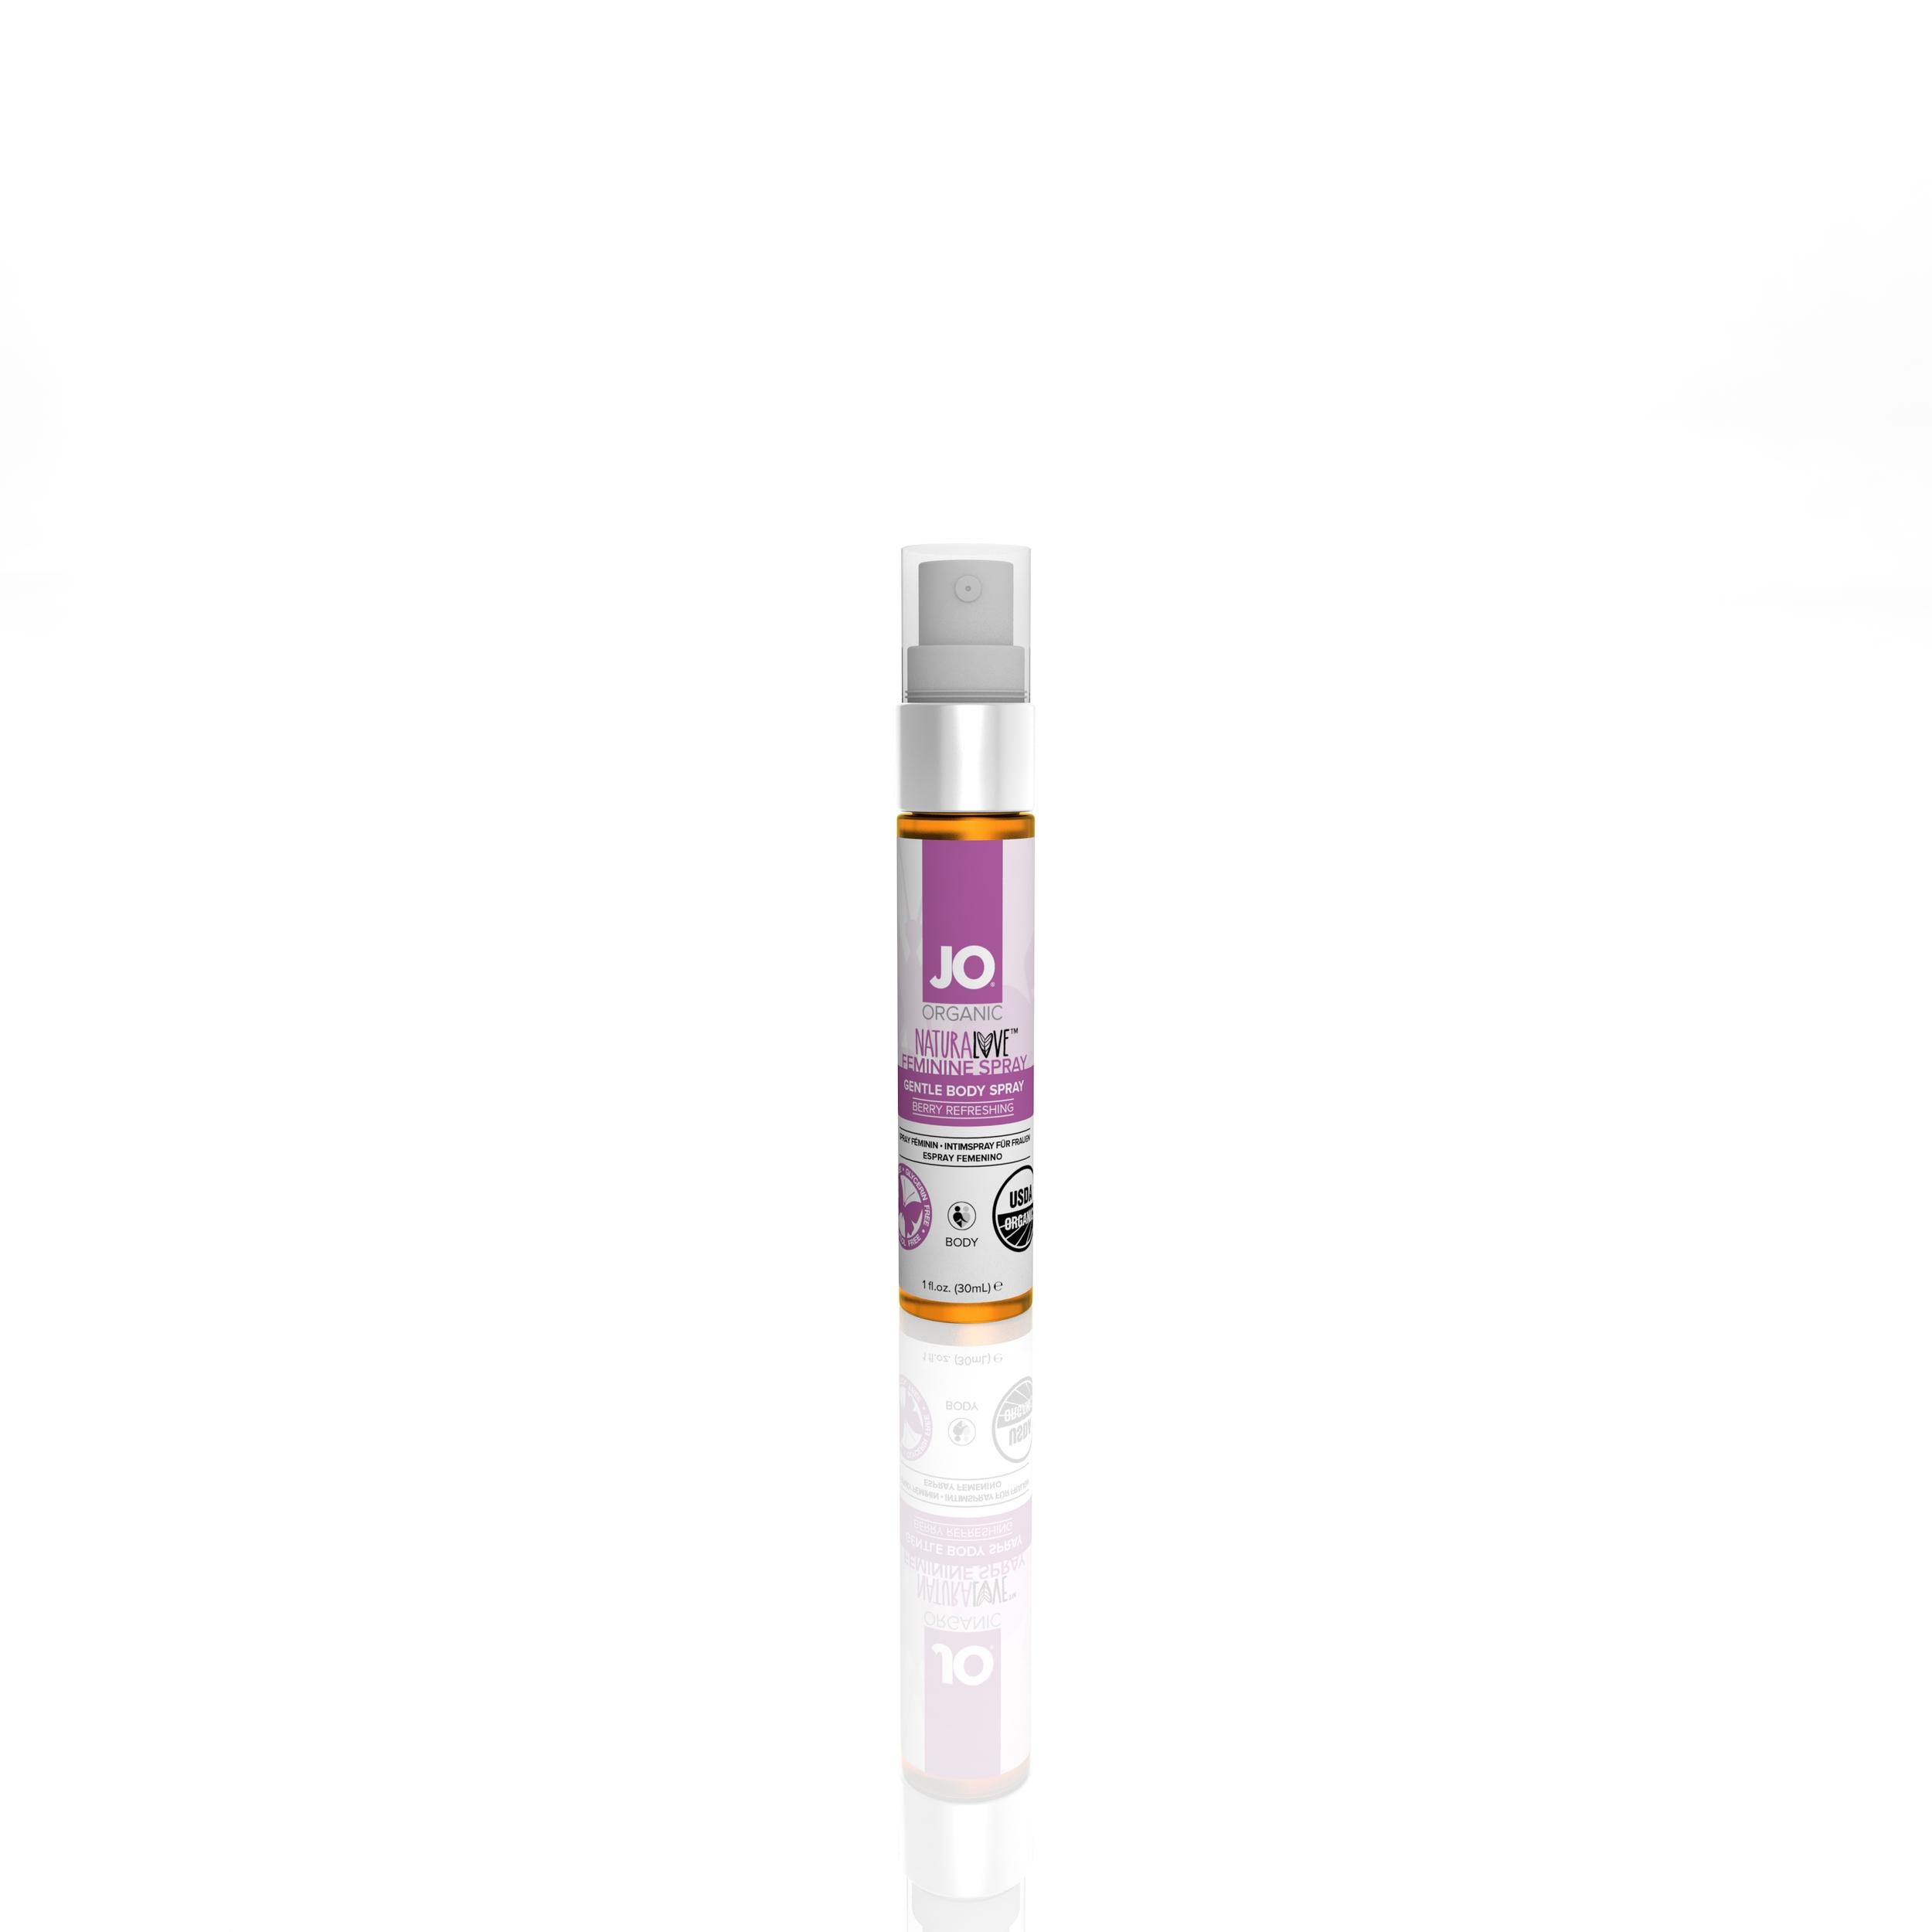 JO USDA Organic 1oz Feminine Spray (straight on) (white)001.jpg